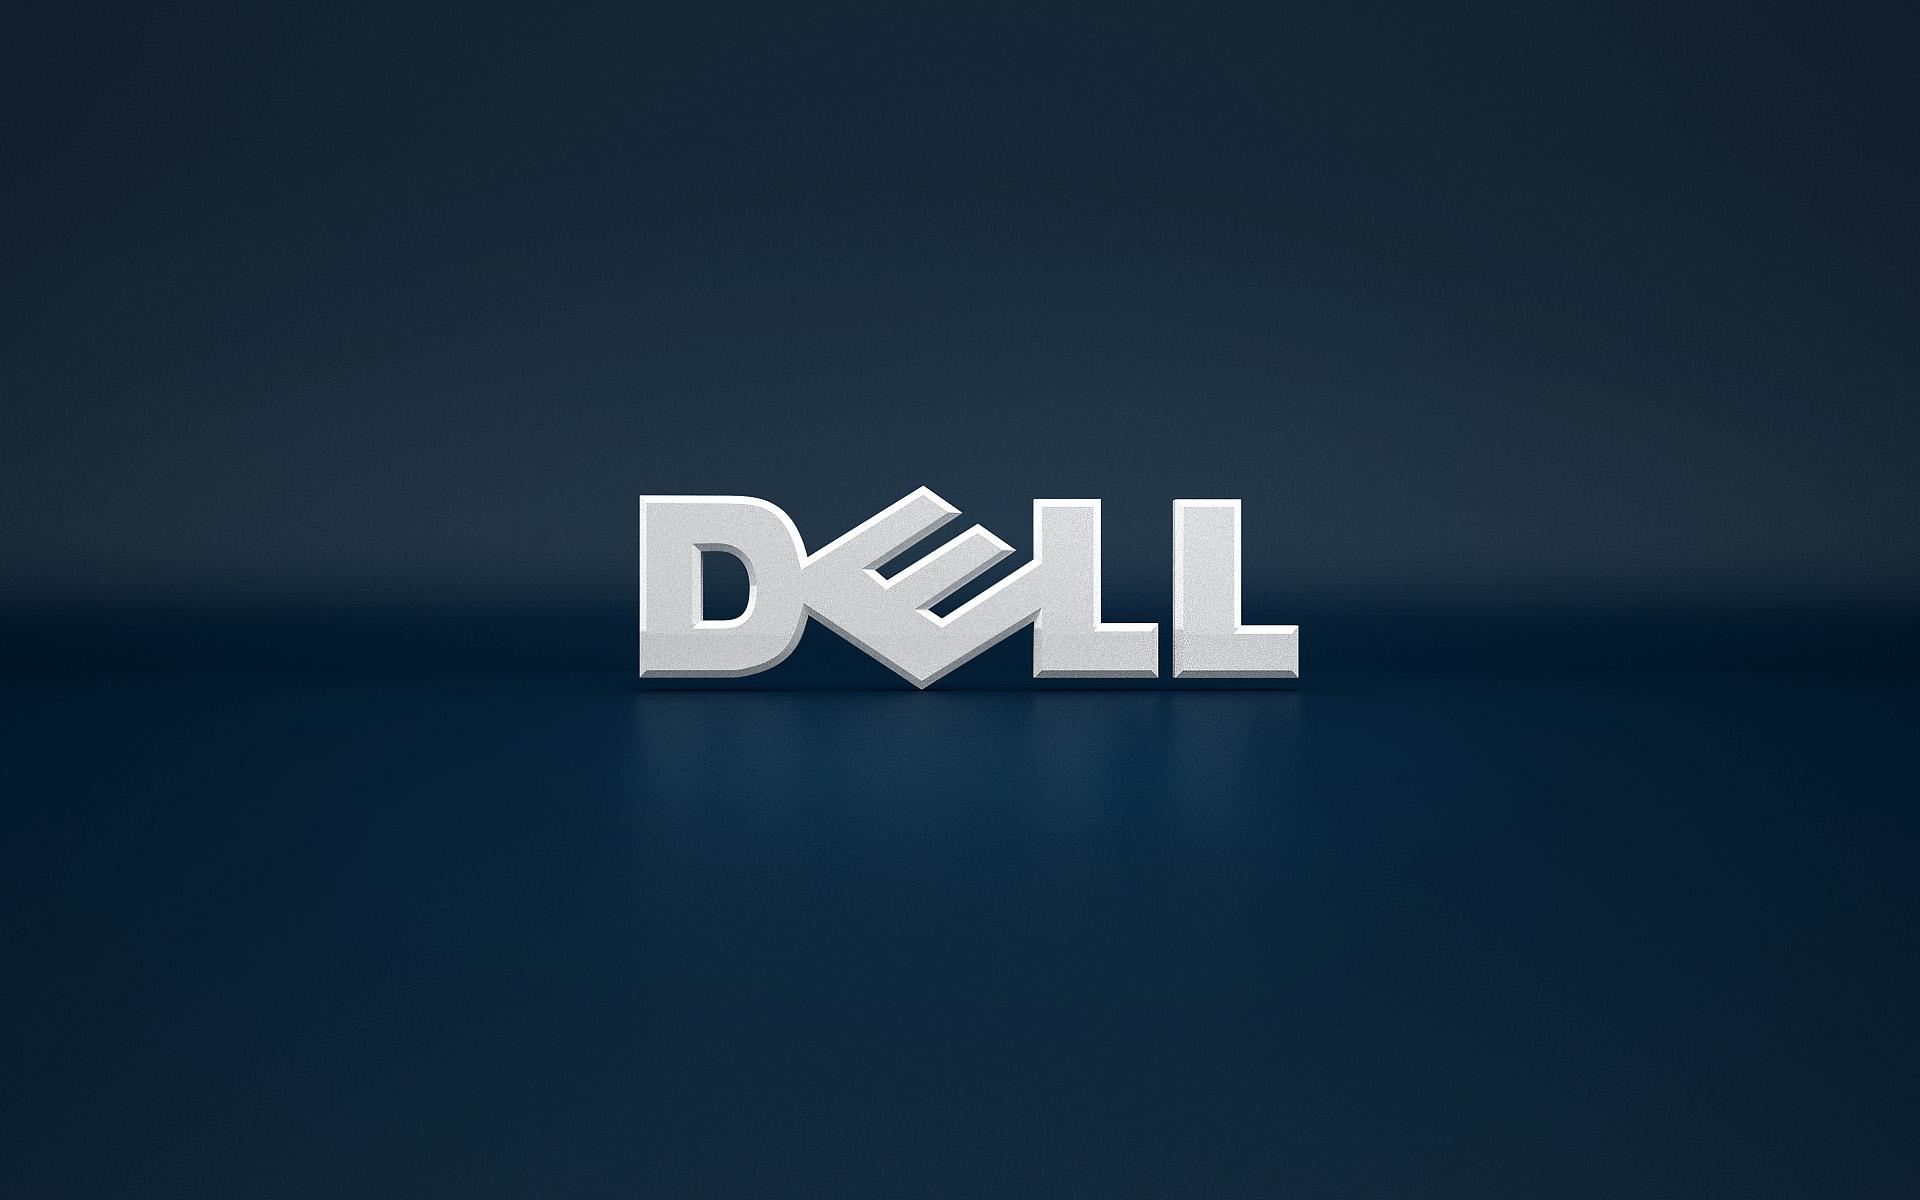 Ремонт ноутбуков Dell в Ростове-на-Дону